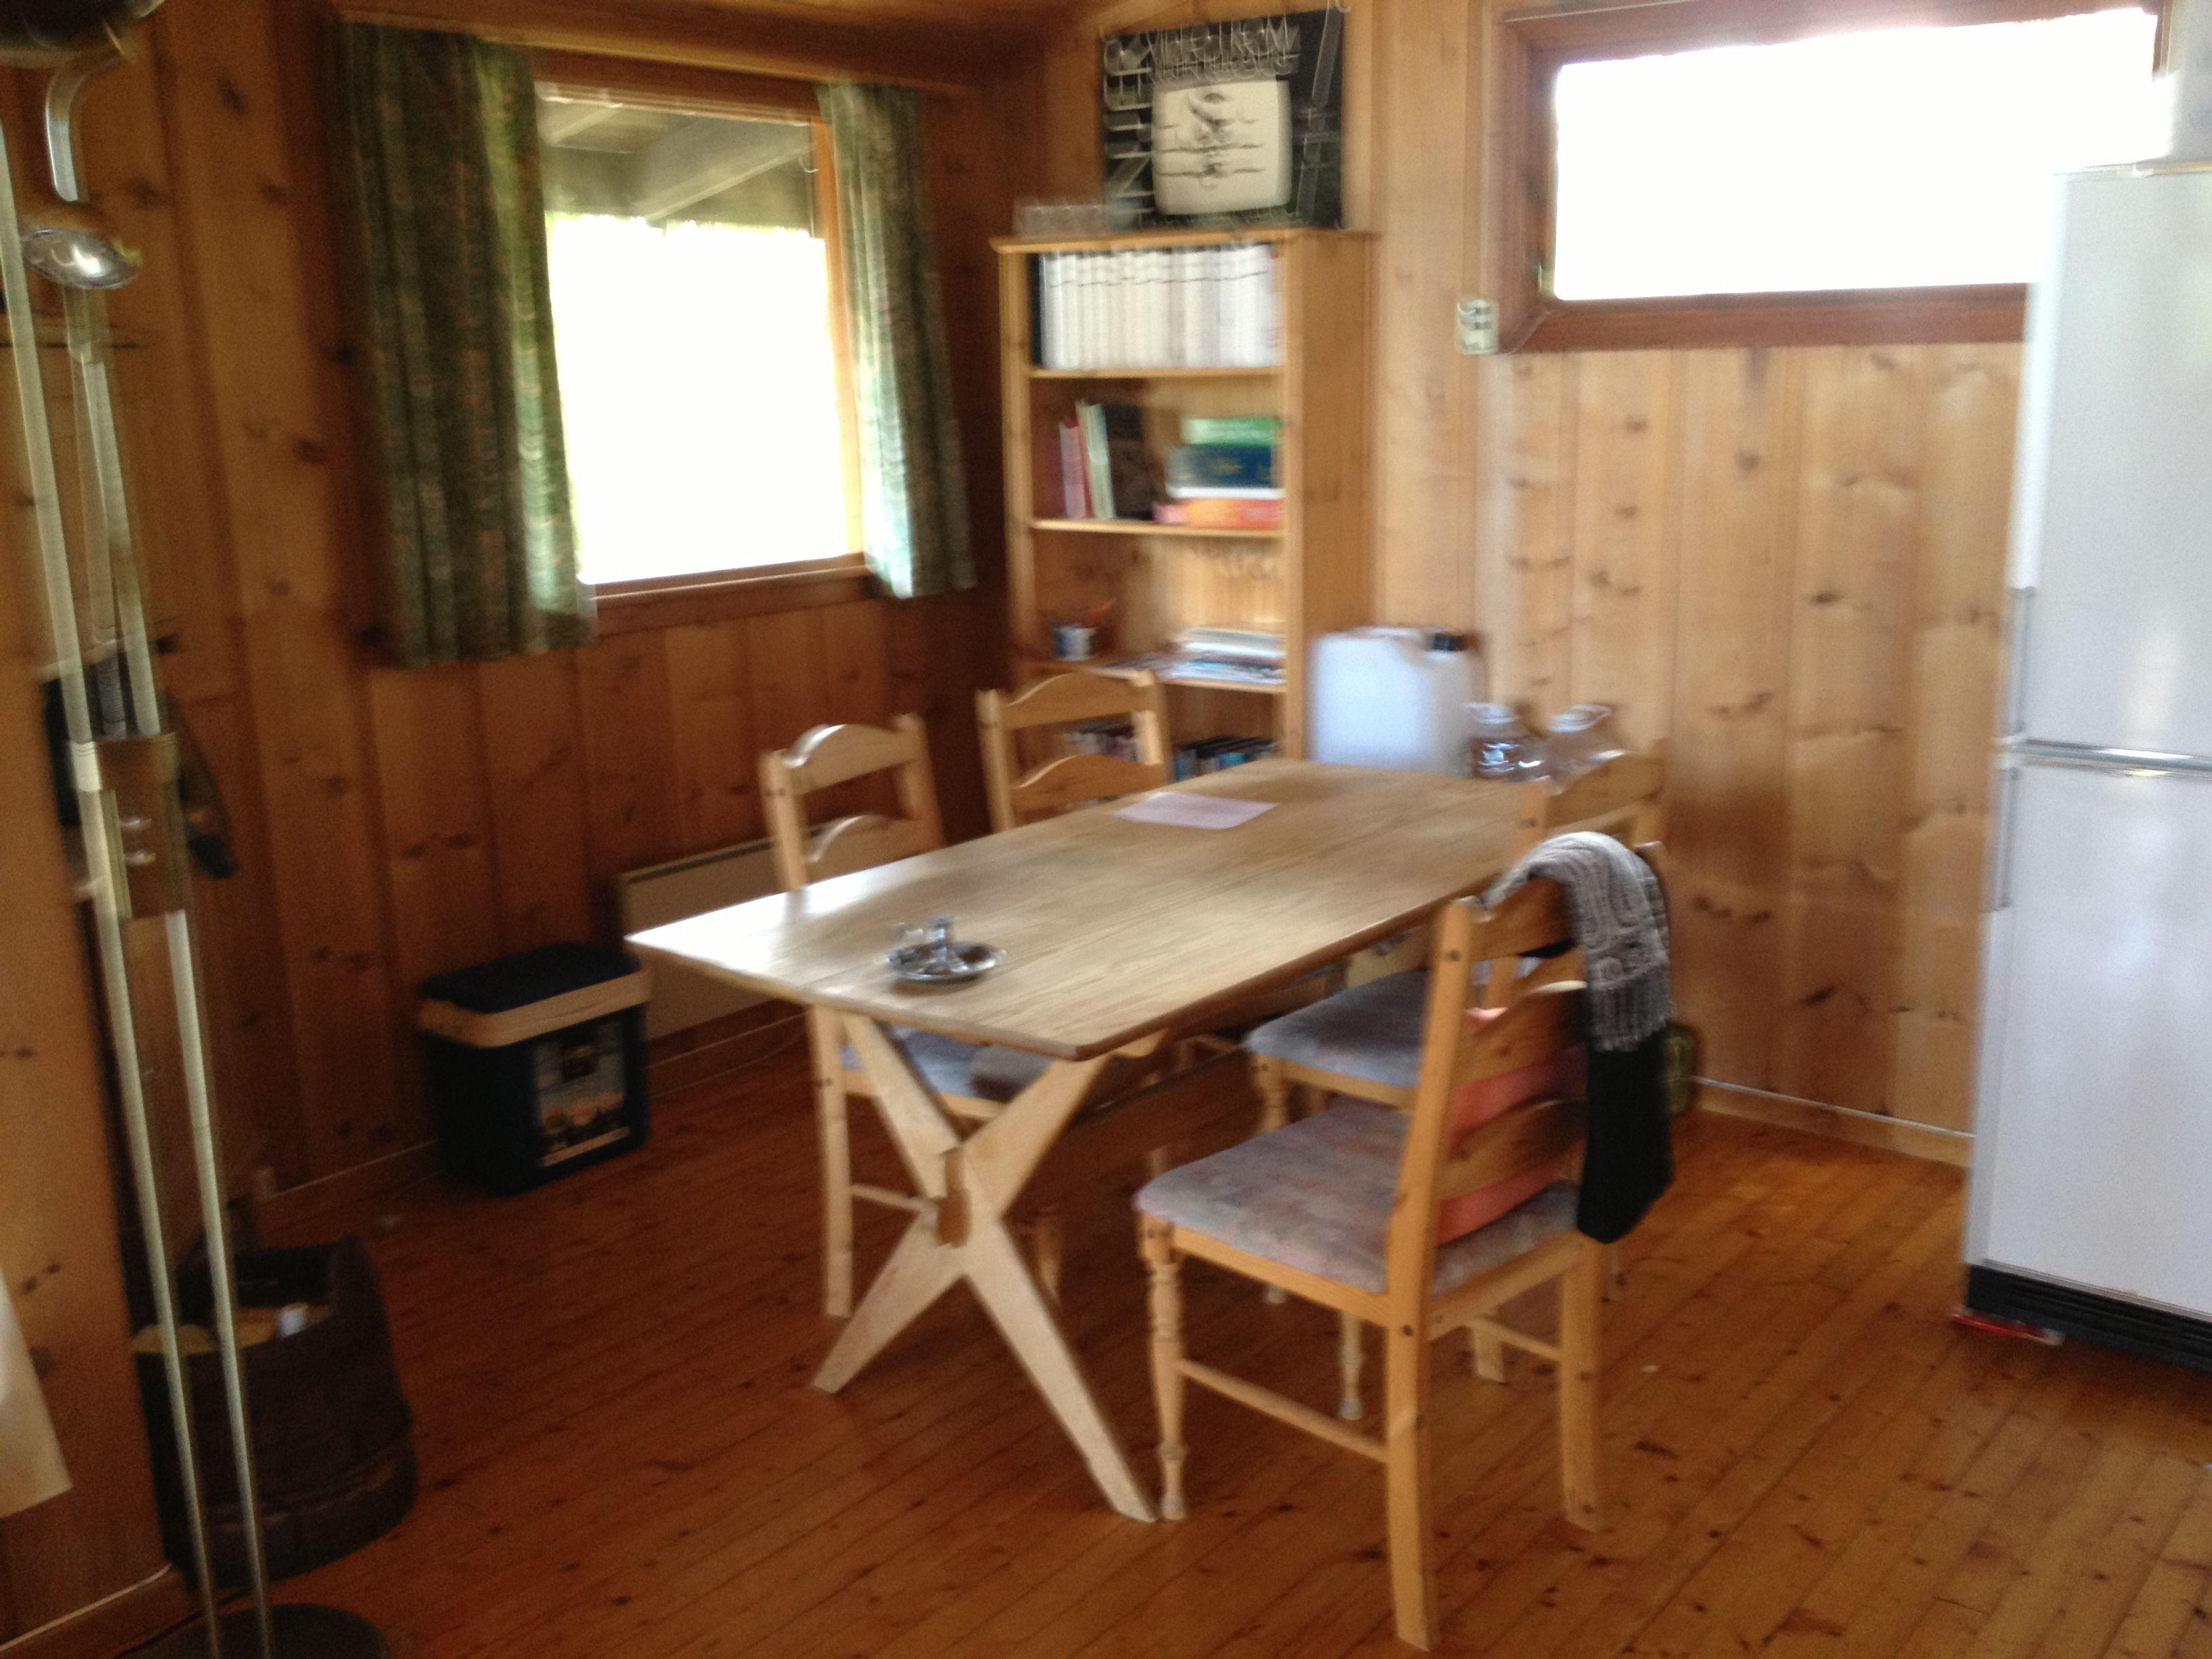 Over spisebordet kunne vi hatt en IKEA PS-lampe som kan være både rund kule og åpen form. Orange inni-